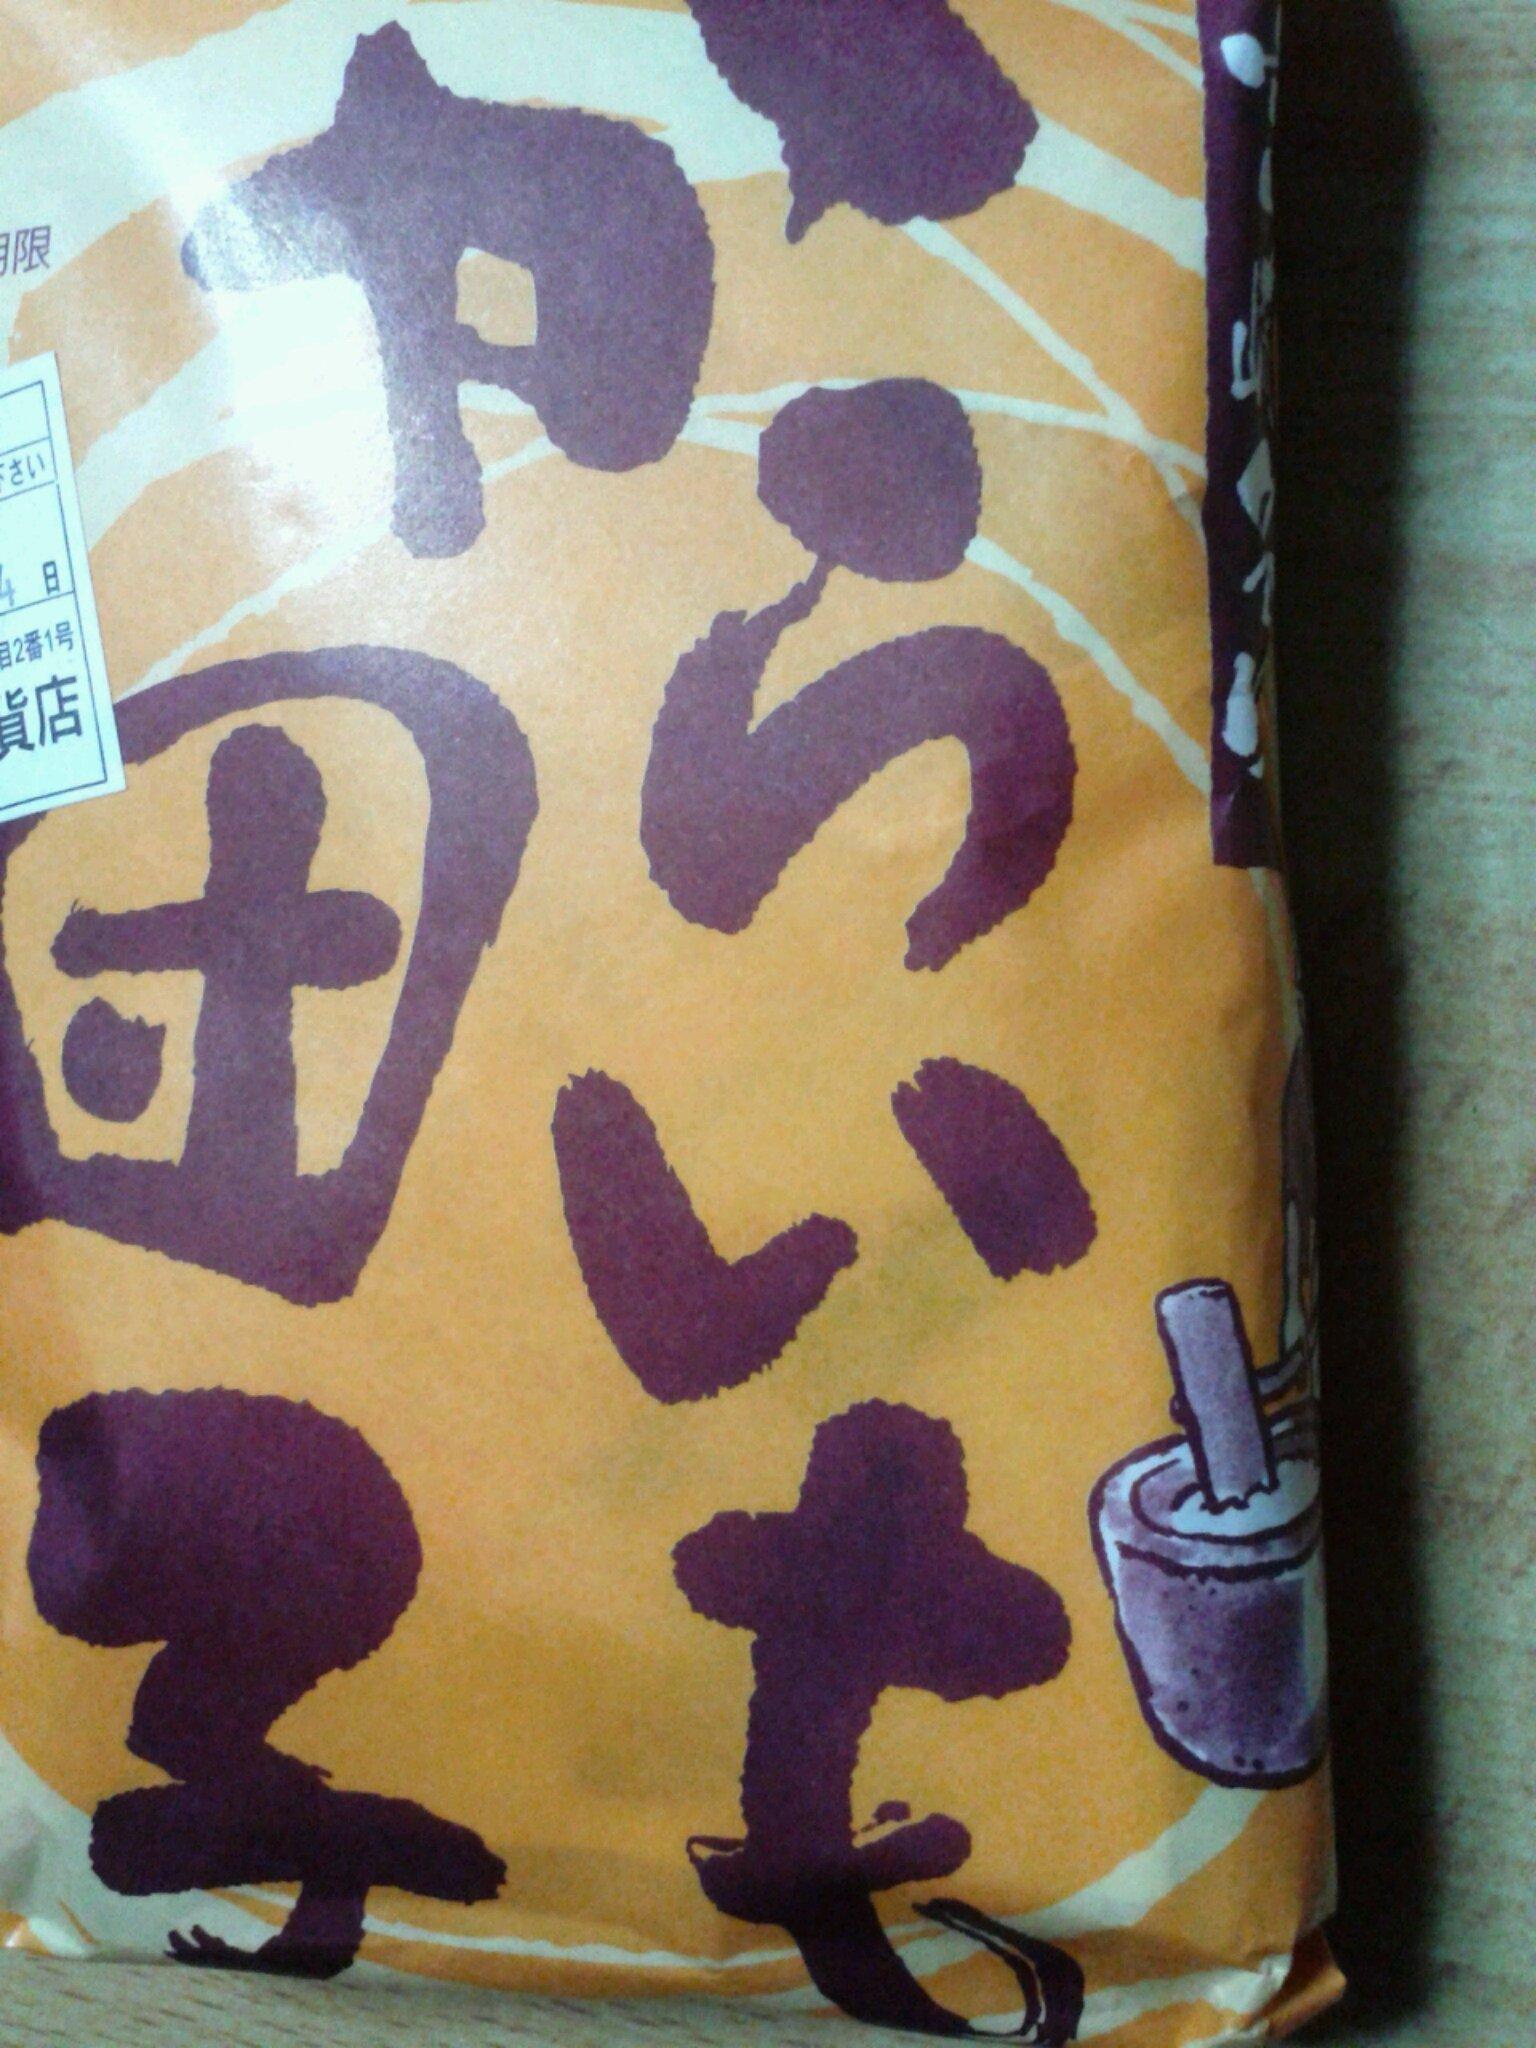 味のくらや JR宮崎フレスタ店